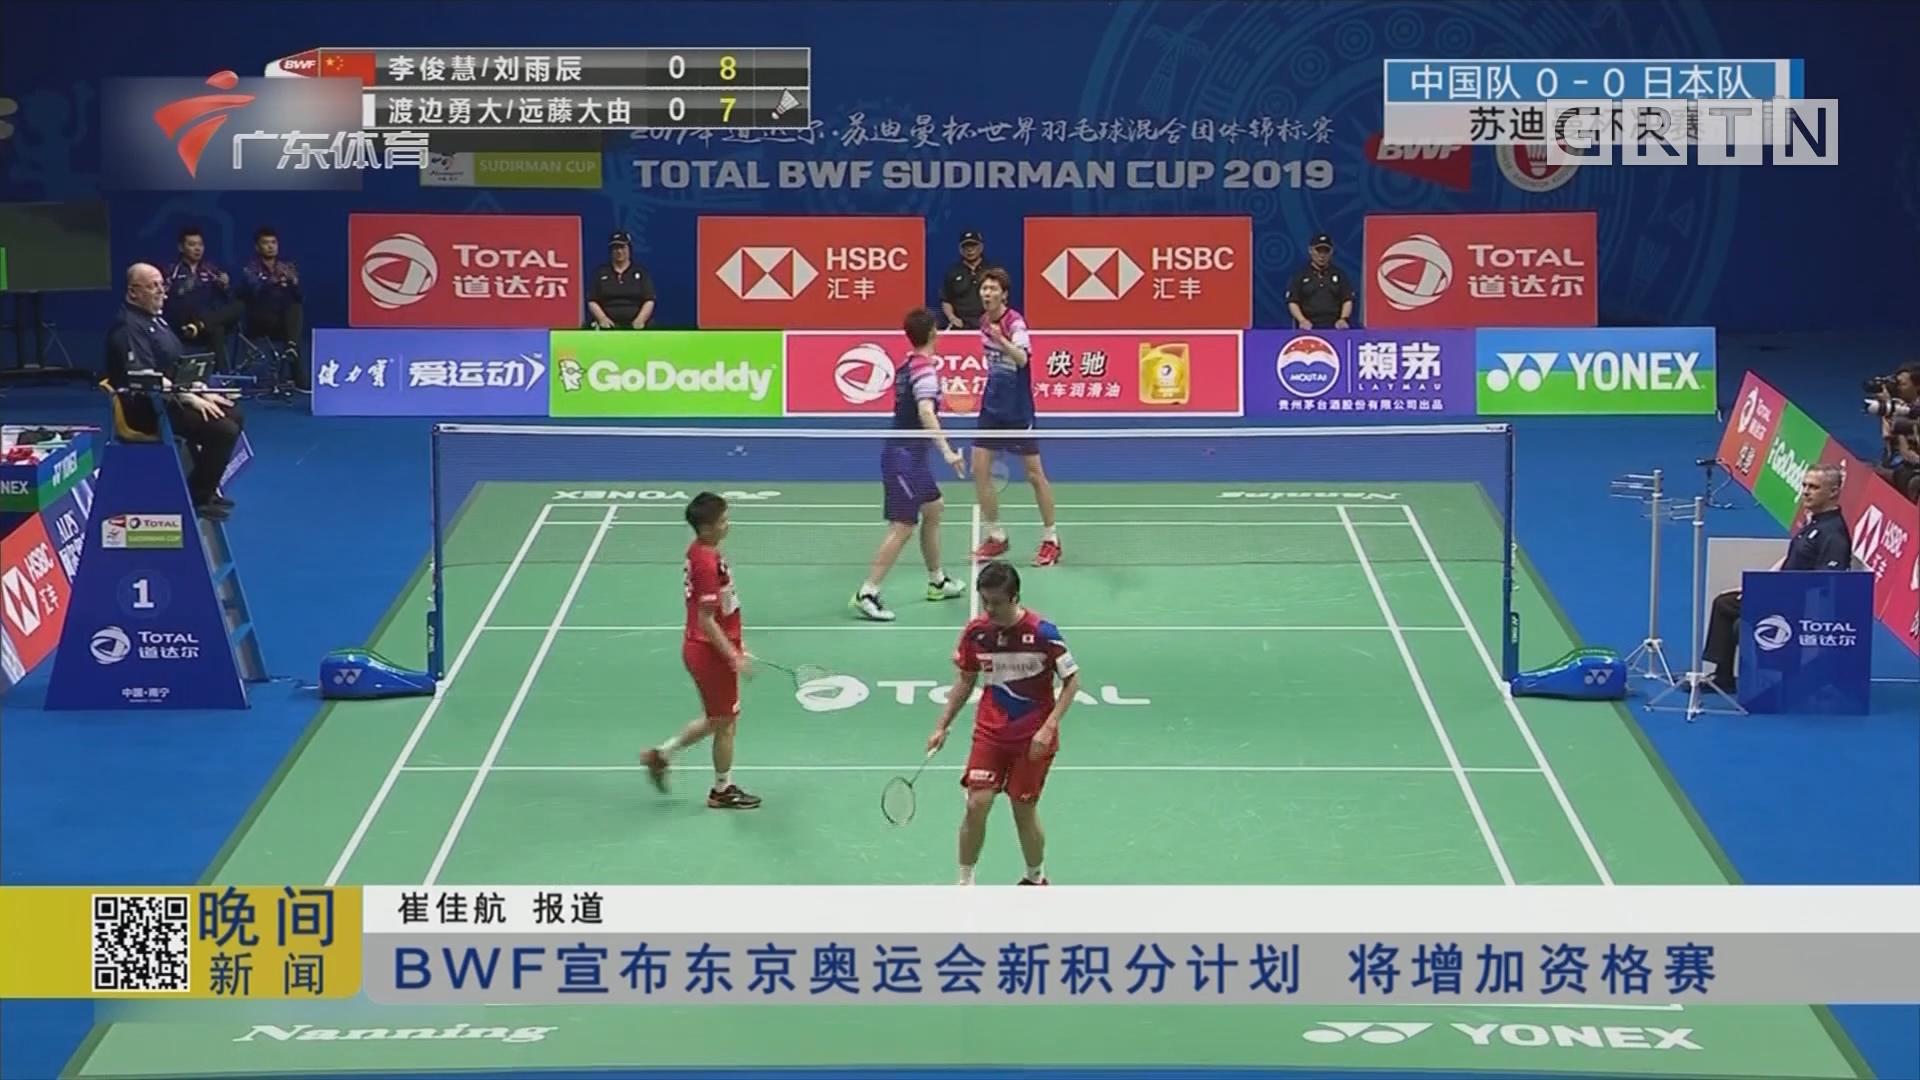 BWF宣布東京奧運會新積分計劃 將增加資格賽